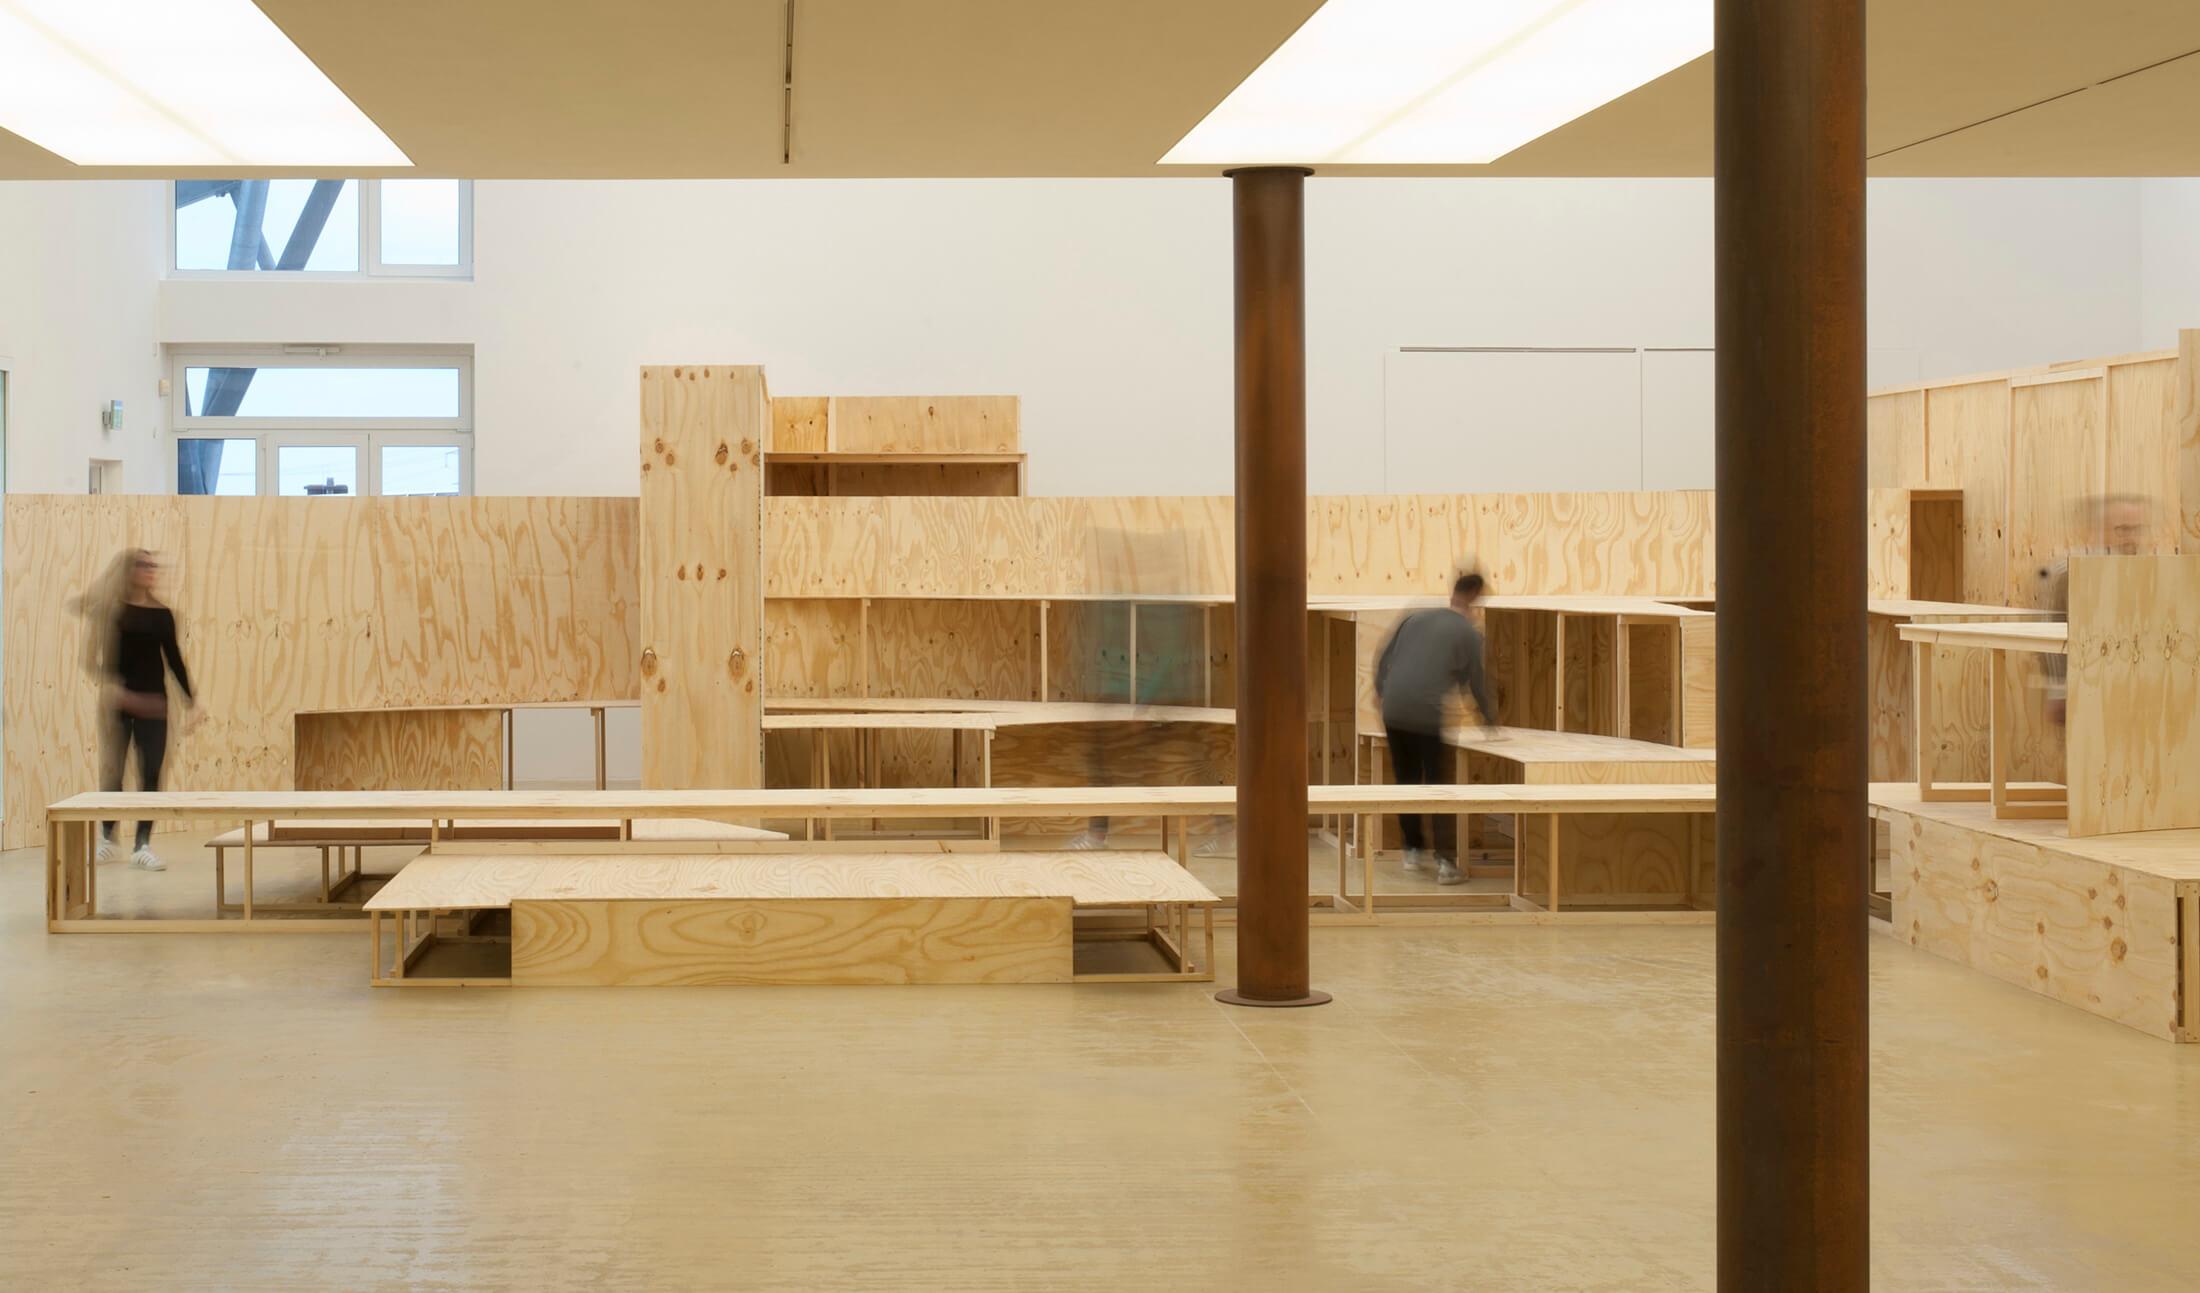 Kunstwerk - Sammlung Klein - Nussdorf - Museum - Kunst - Art - Baden-Württemberg - Hängung #18 - Räumlichkeiten - Rolf Wicker – Rekonstruktionsversuch - 2018